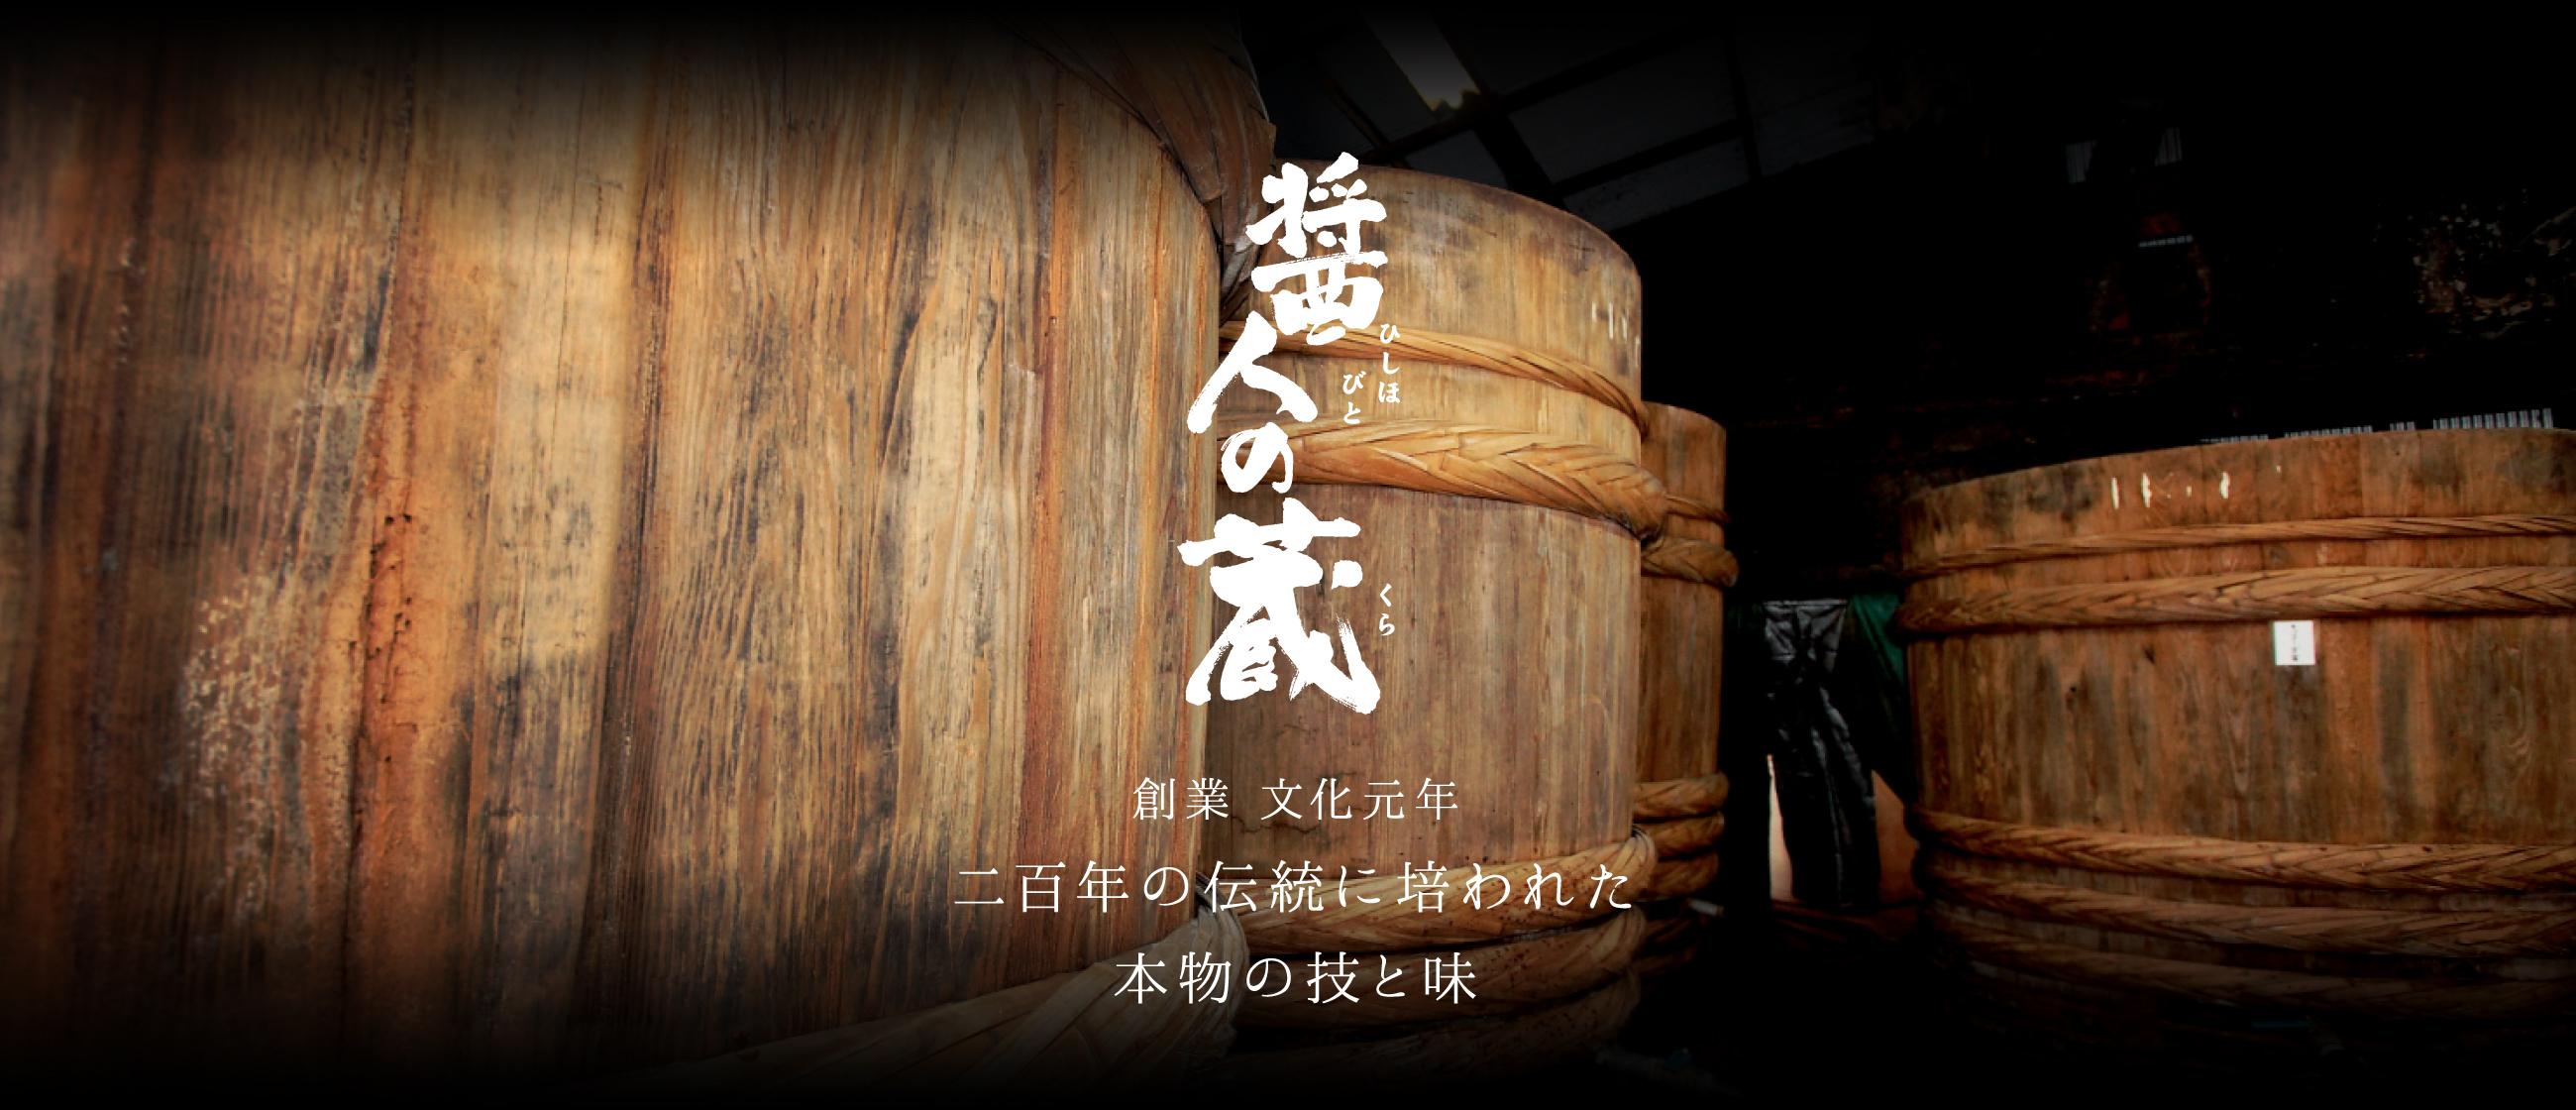 創業文化元年 二百年の伝統に培われた本物の技と味